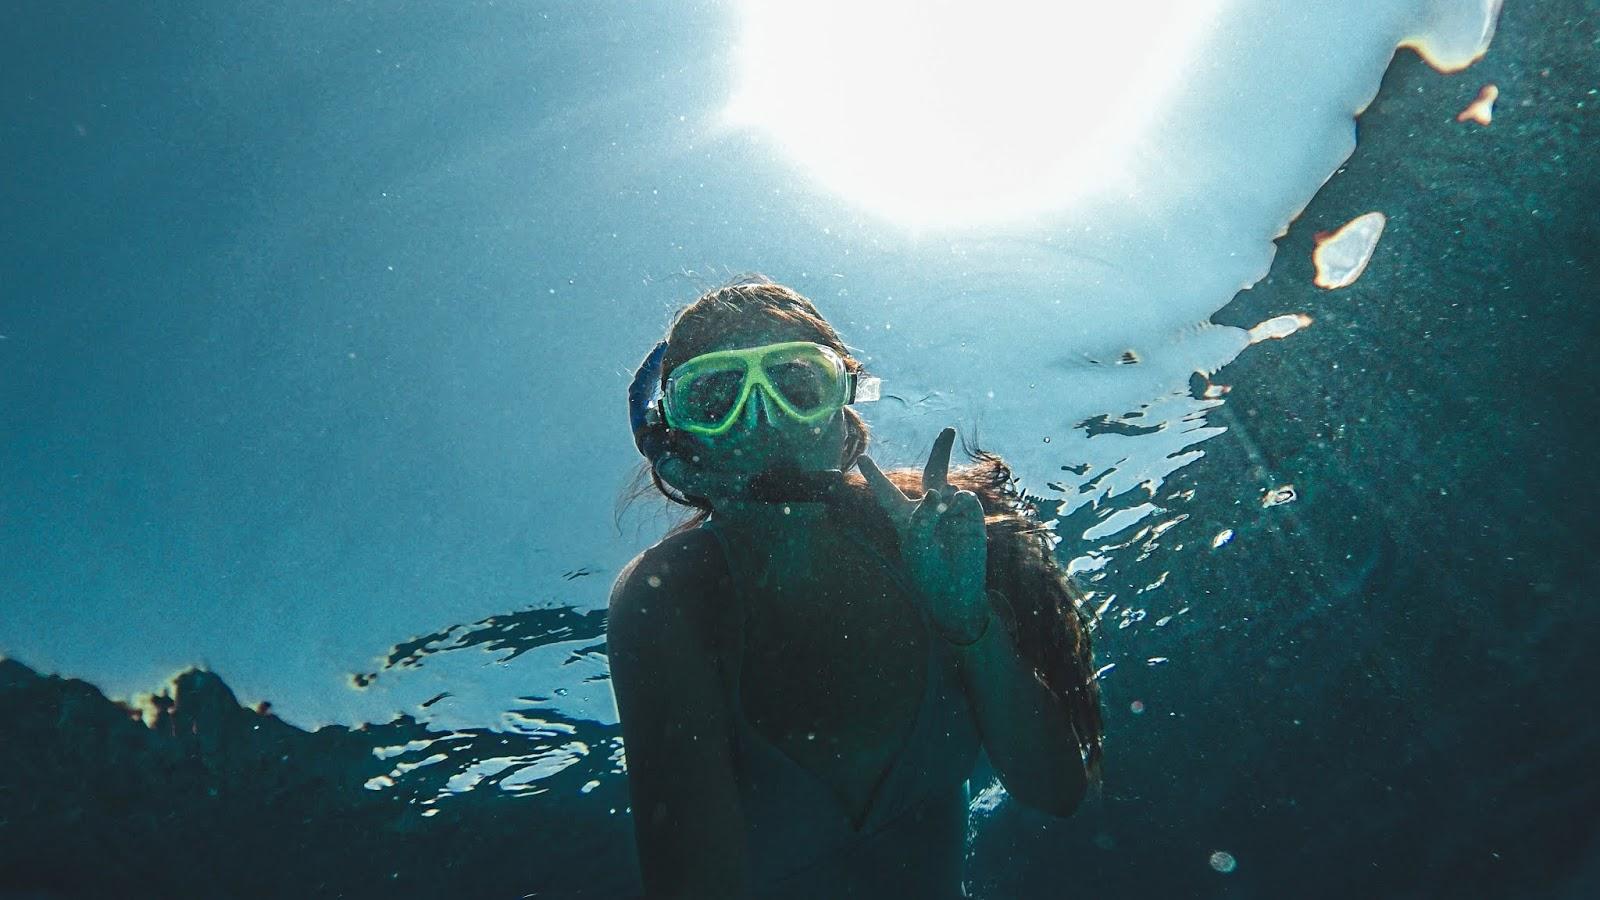 GoPro Underwater Photos